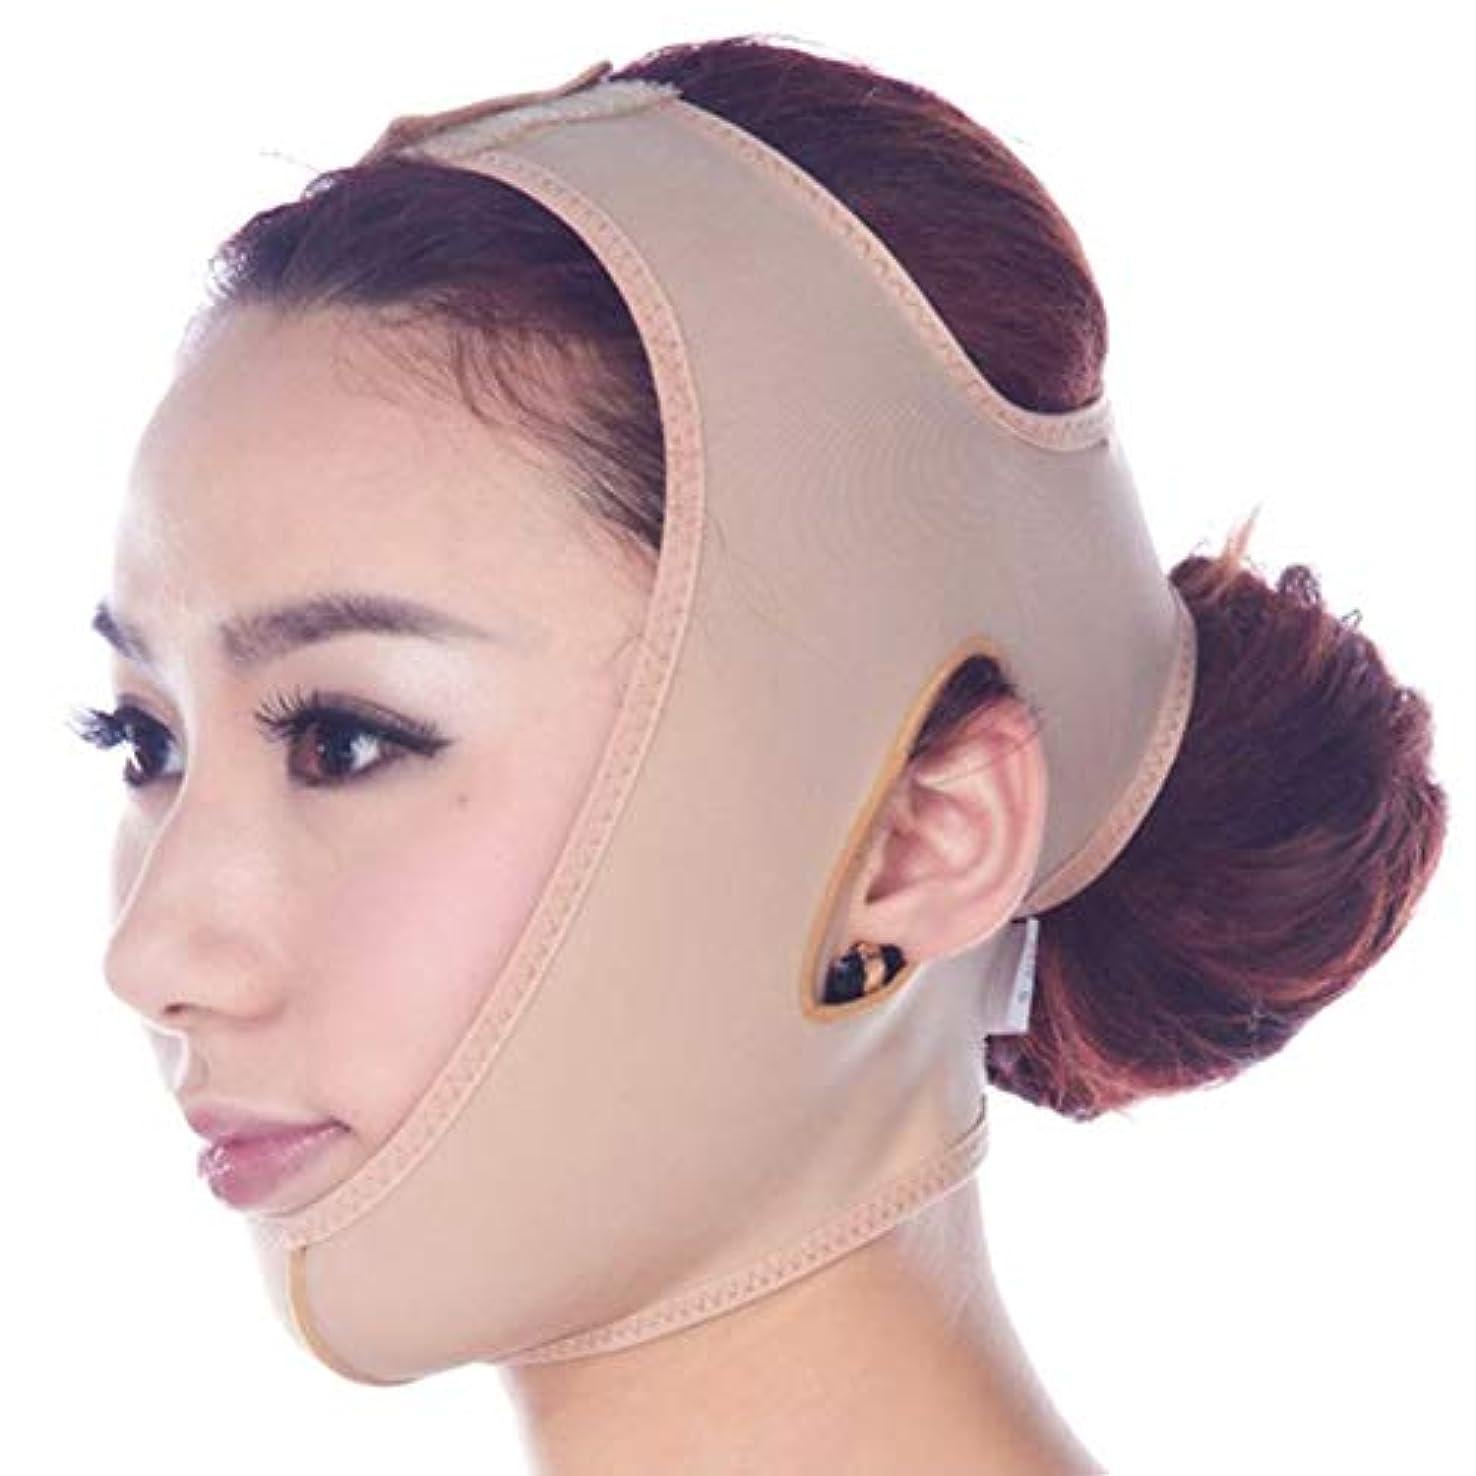 甘味楽観的説教フェイスリフトアップベルトマスク痩身包帯スキンケアシェイパーは、二重顎Thiningバンドを減らします,S